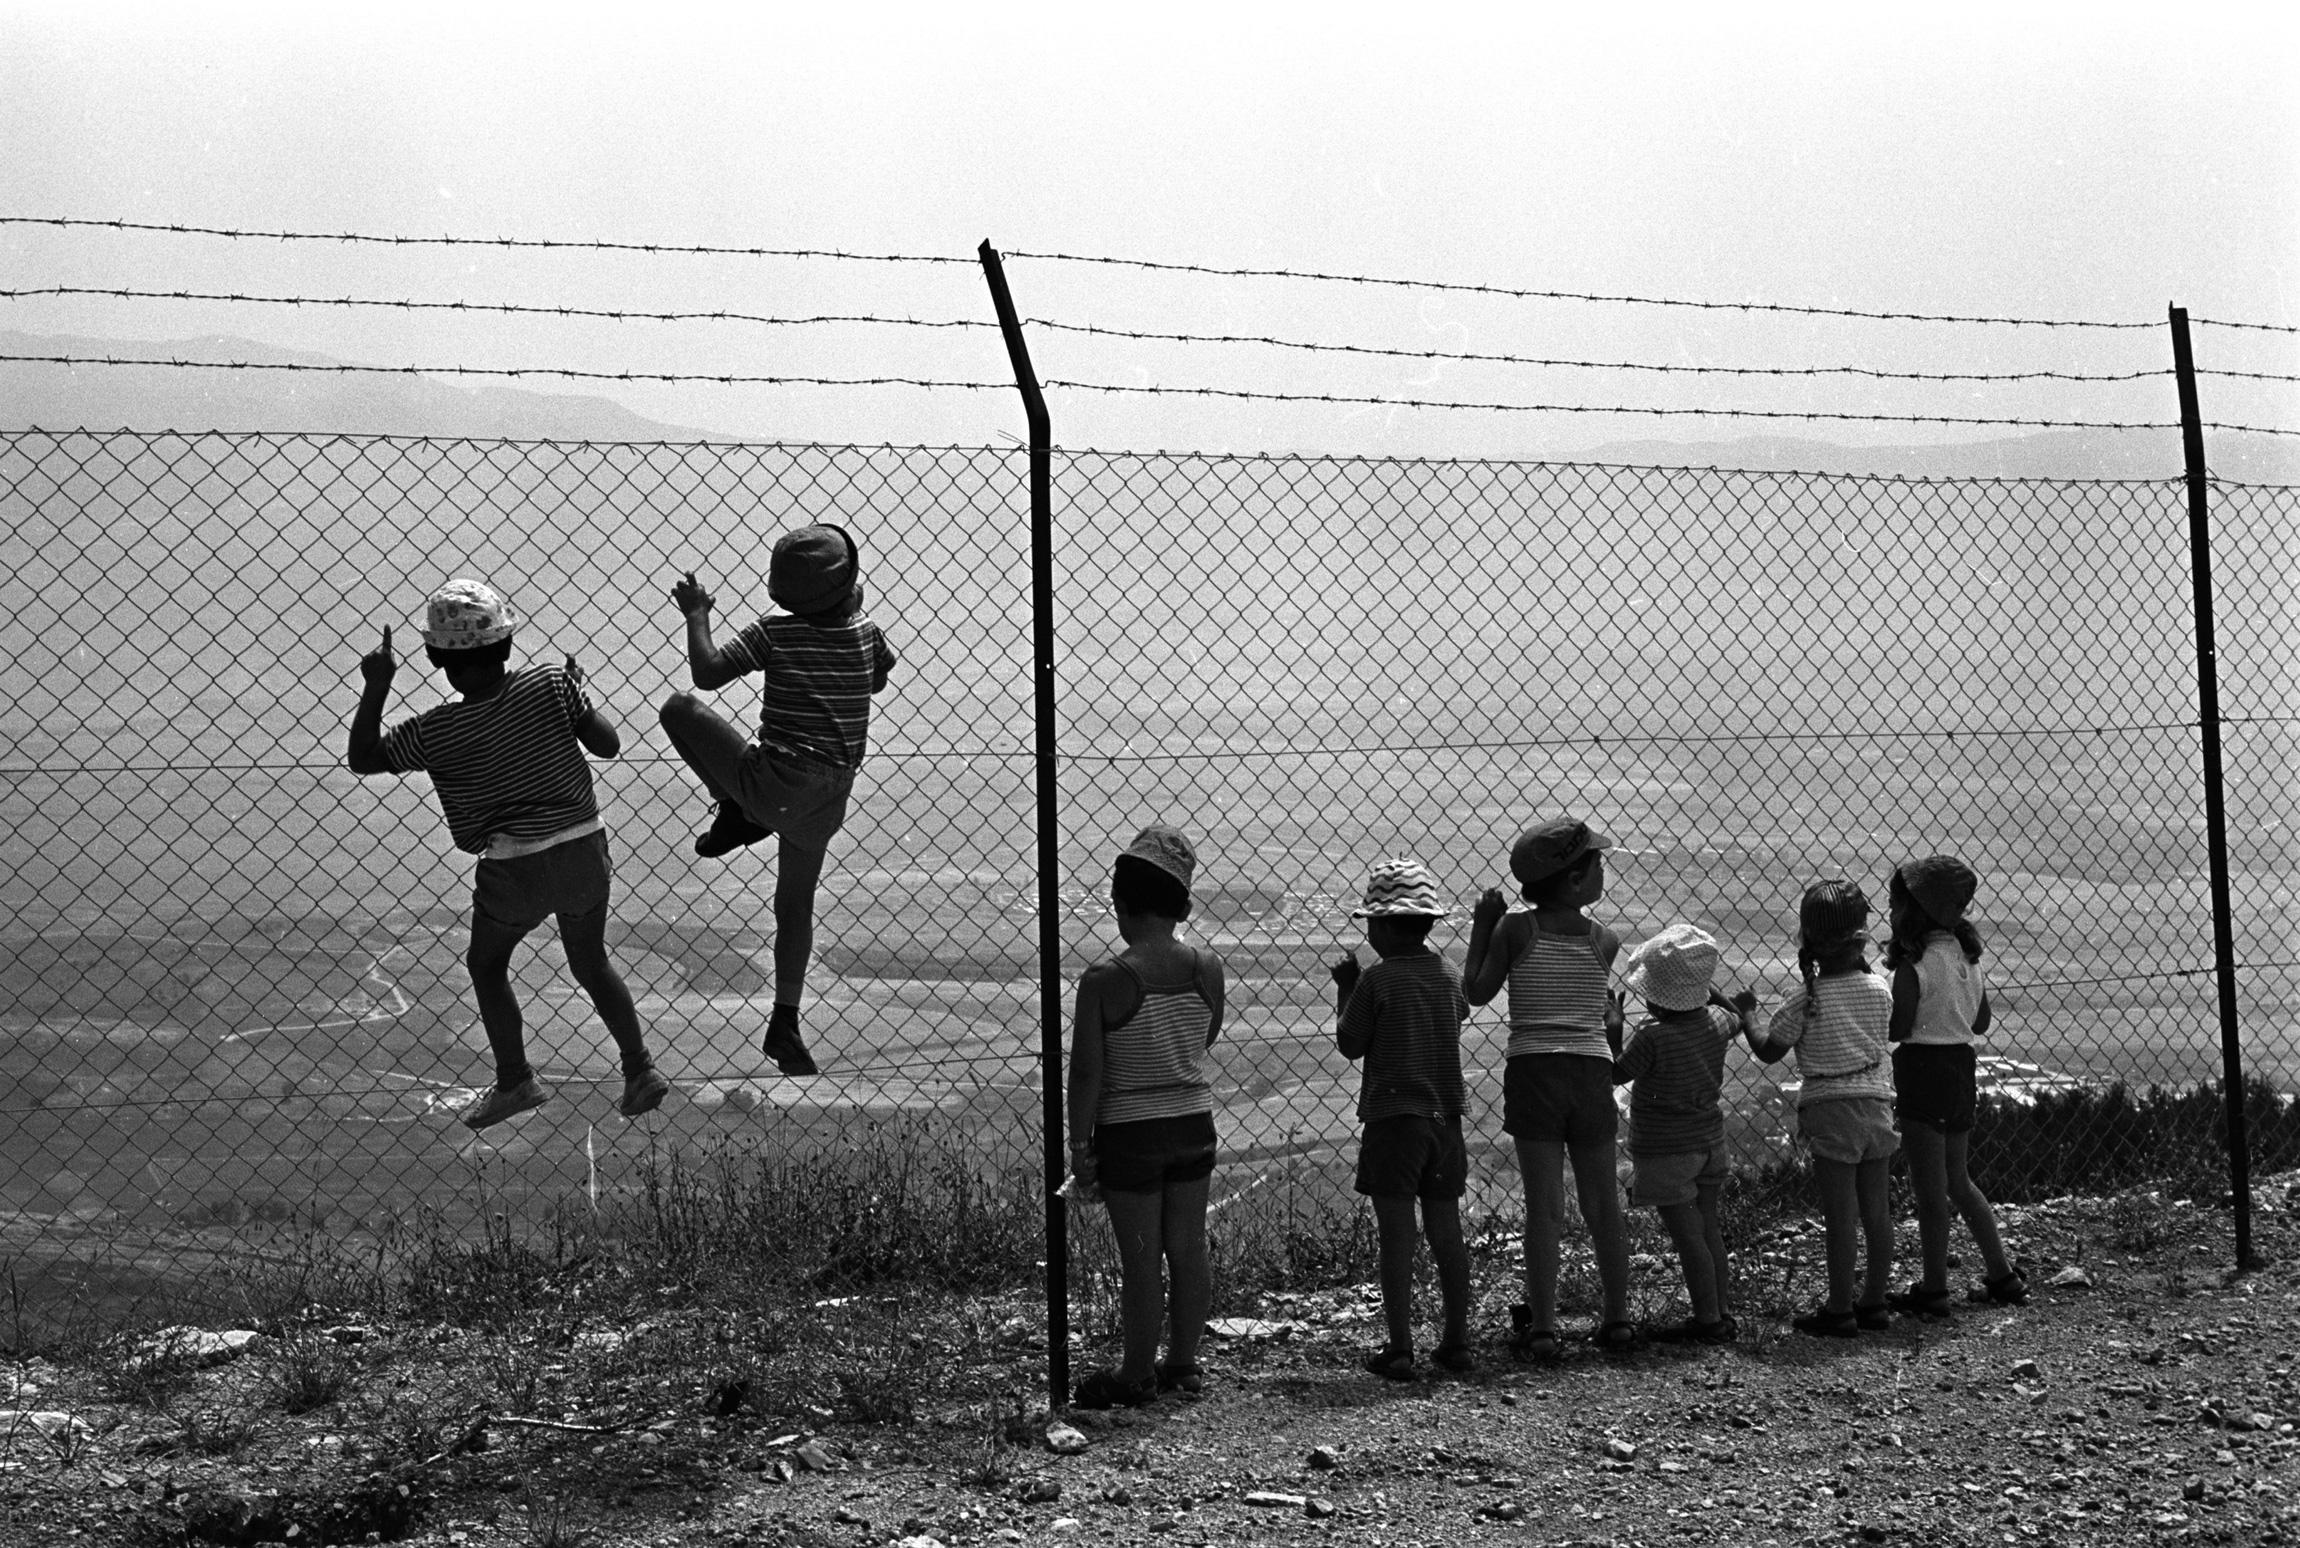 Der Grenzzaun zwischen Israel und dem Libanon. Manchmal ein Spielplatz für Kinder (1972), © Foto: David Rubinger